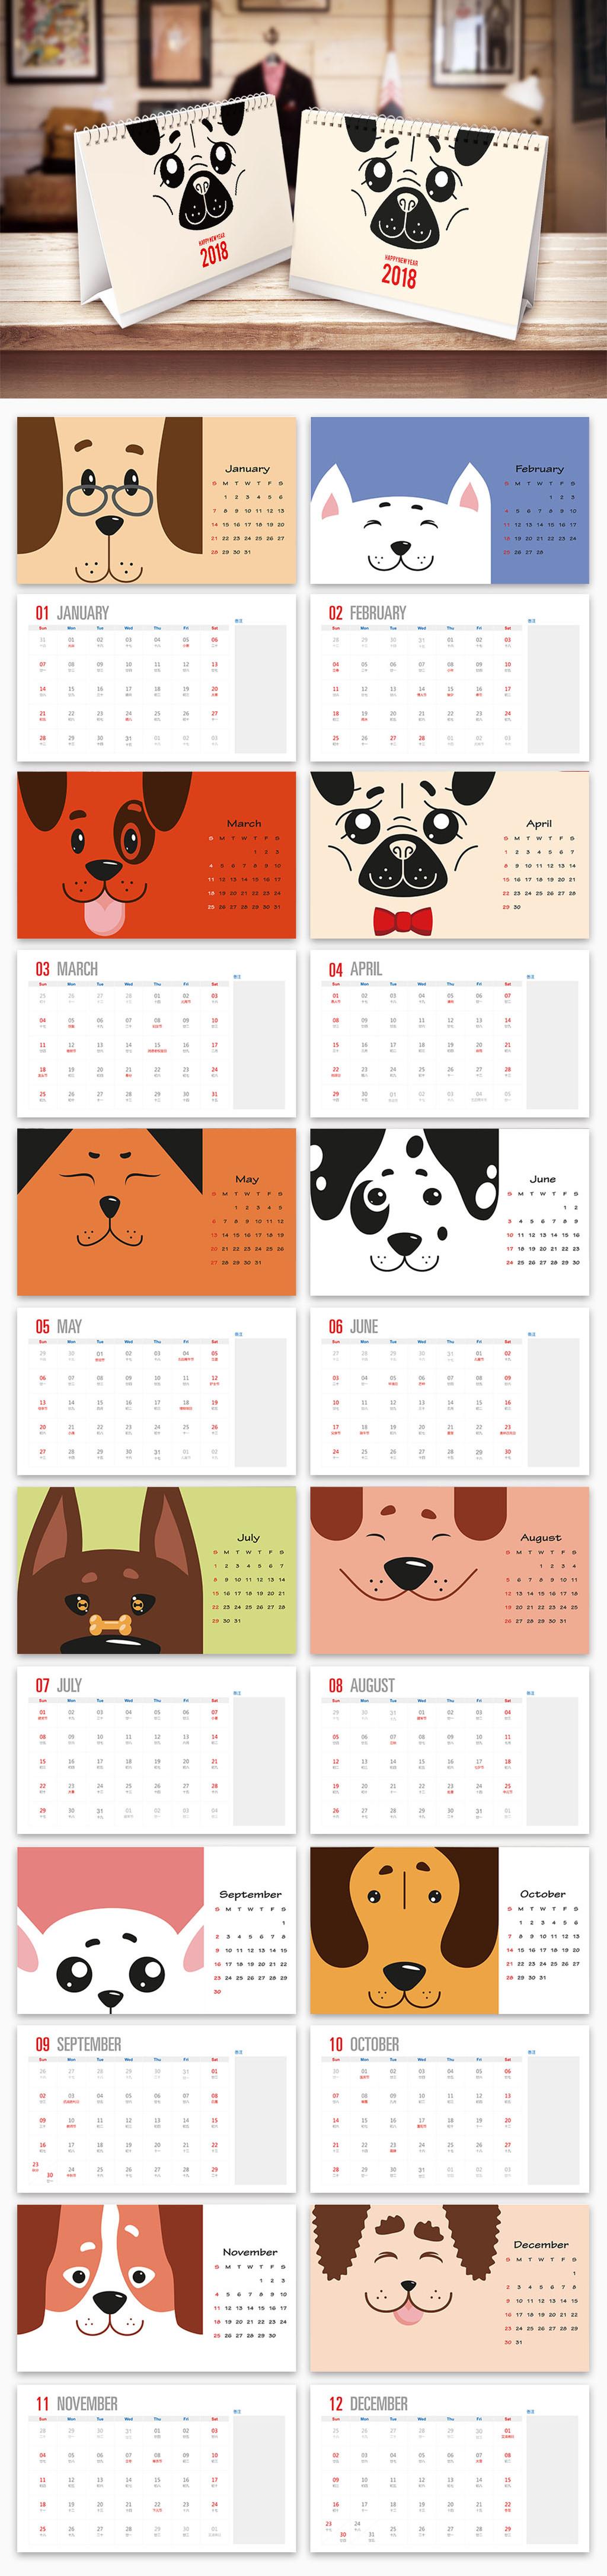 原创设计卡通手绘动物2018年台历